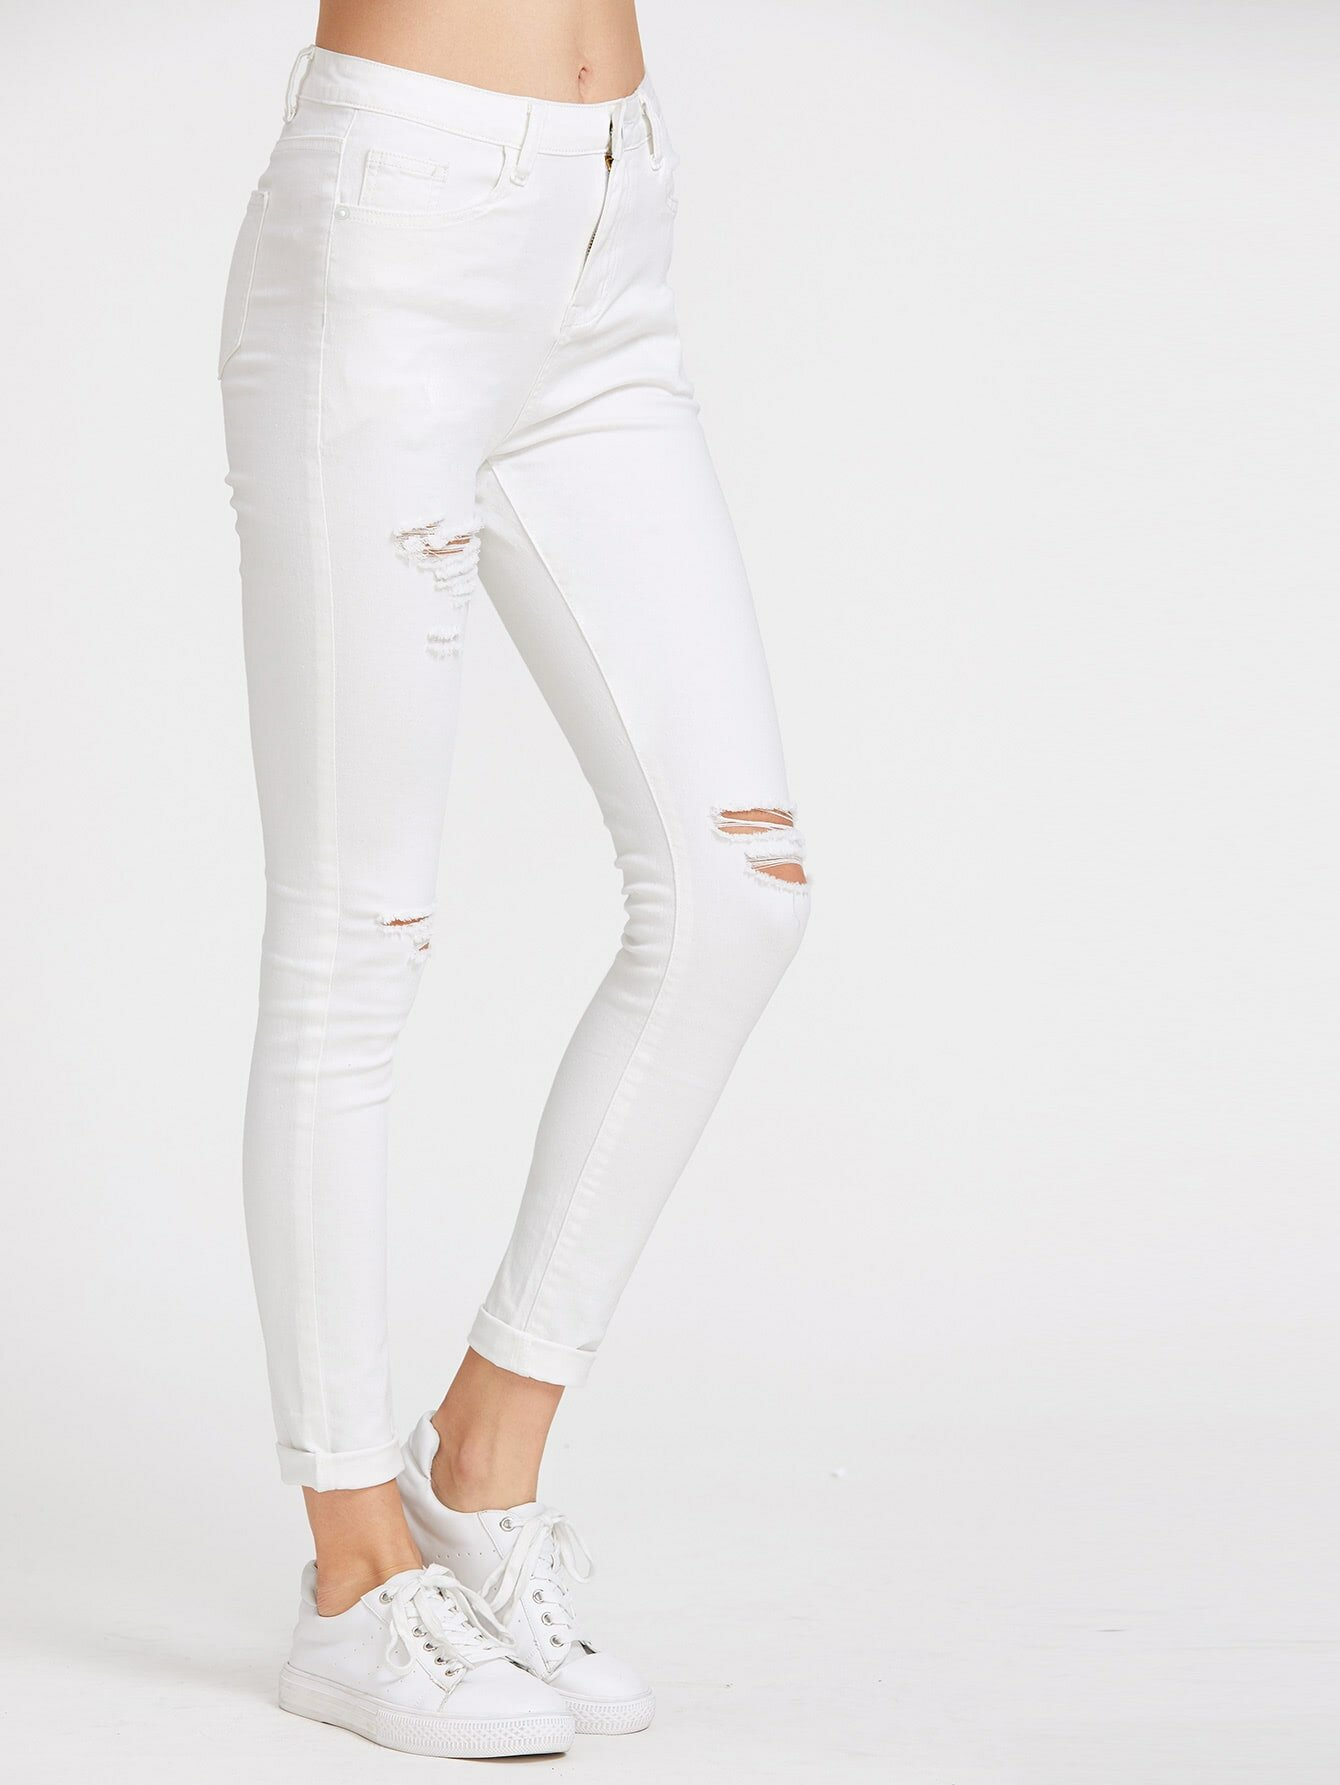 Pantalón blanco vaqueros rasgado de bolsillo